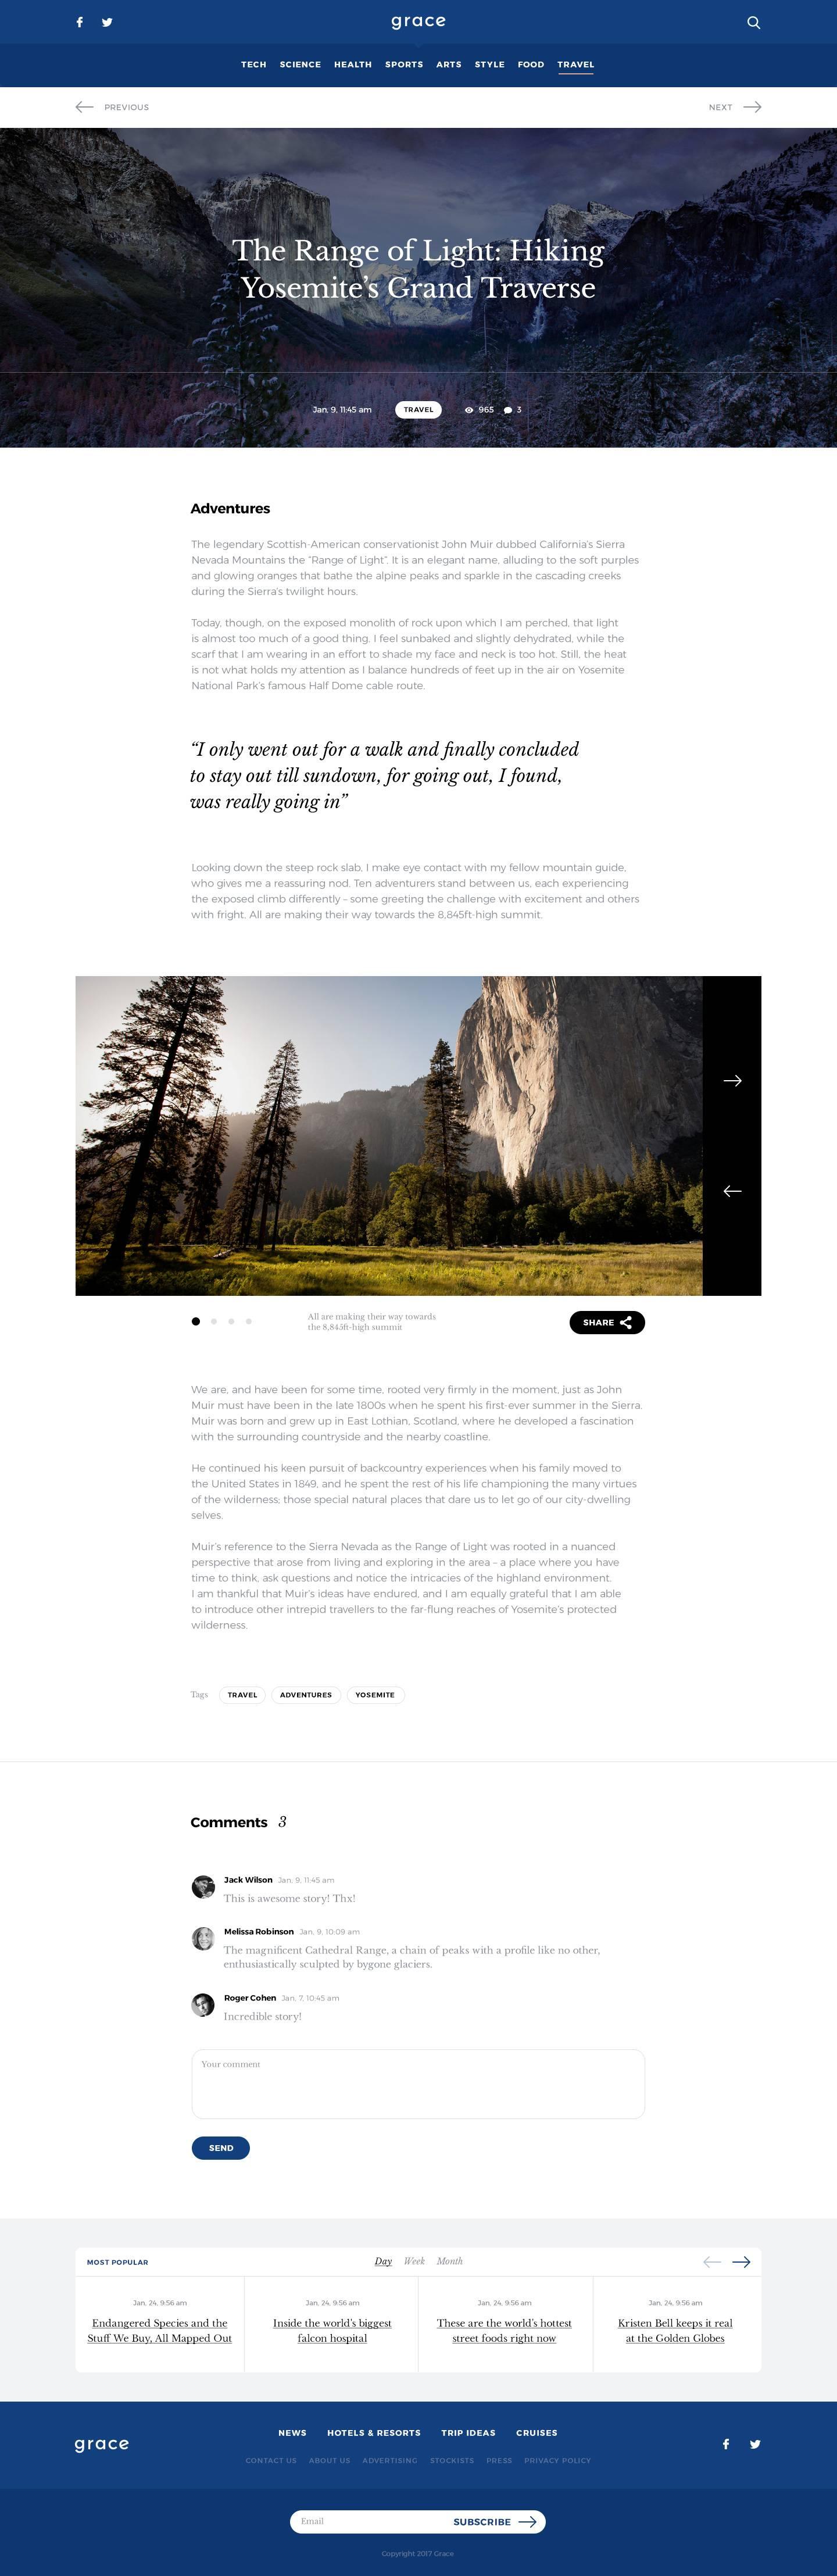 电商网站 产品页列表页模板.psd & .sketch素材下载 网页模板-第1张